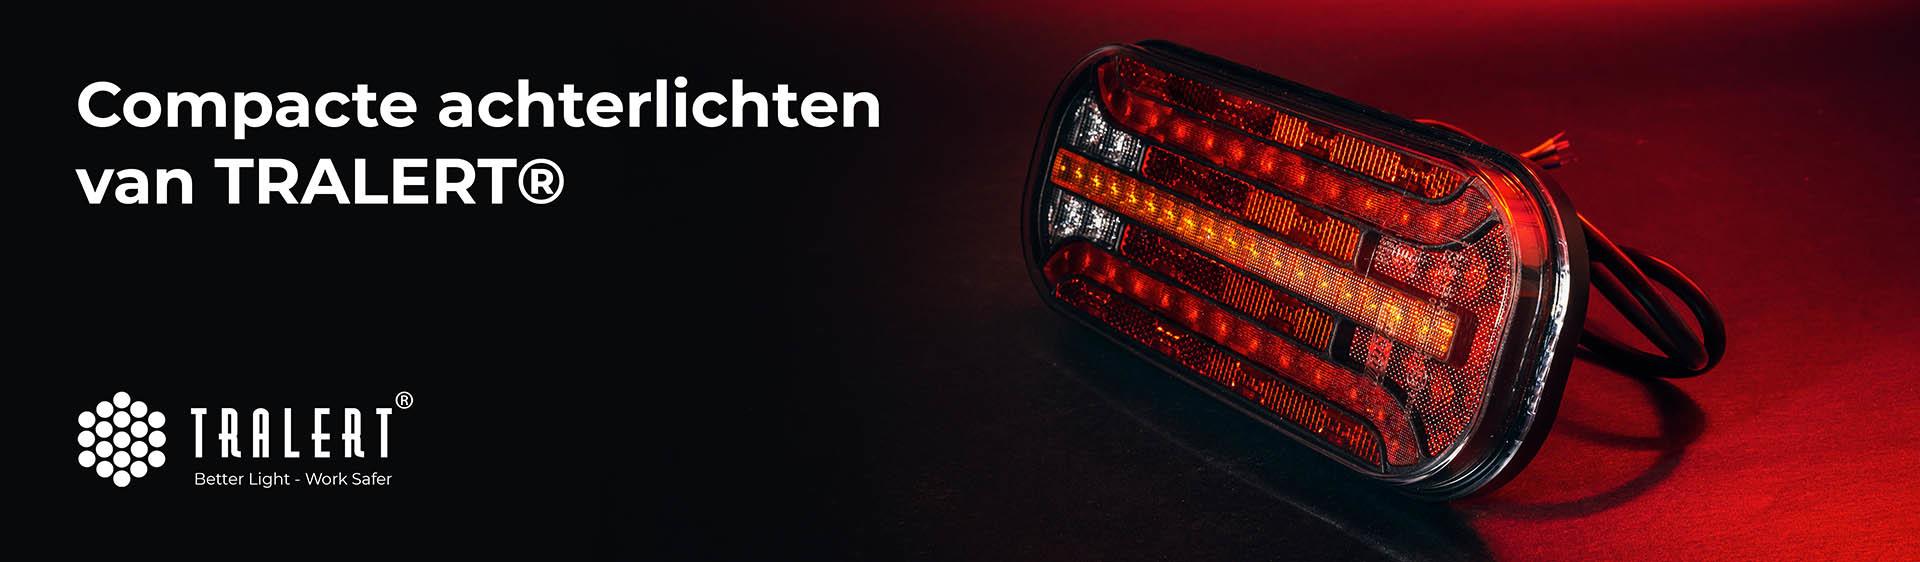 Tralert compacte LED achterlichten banner